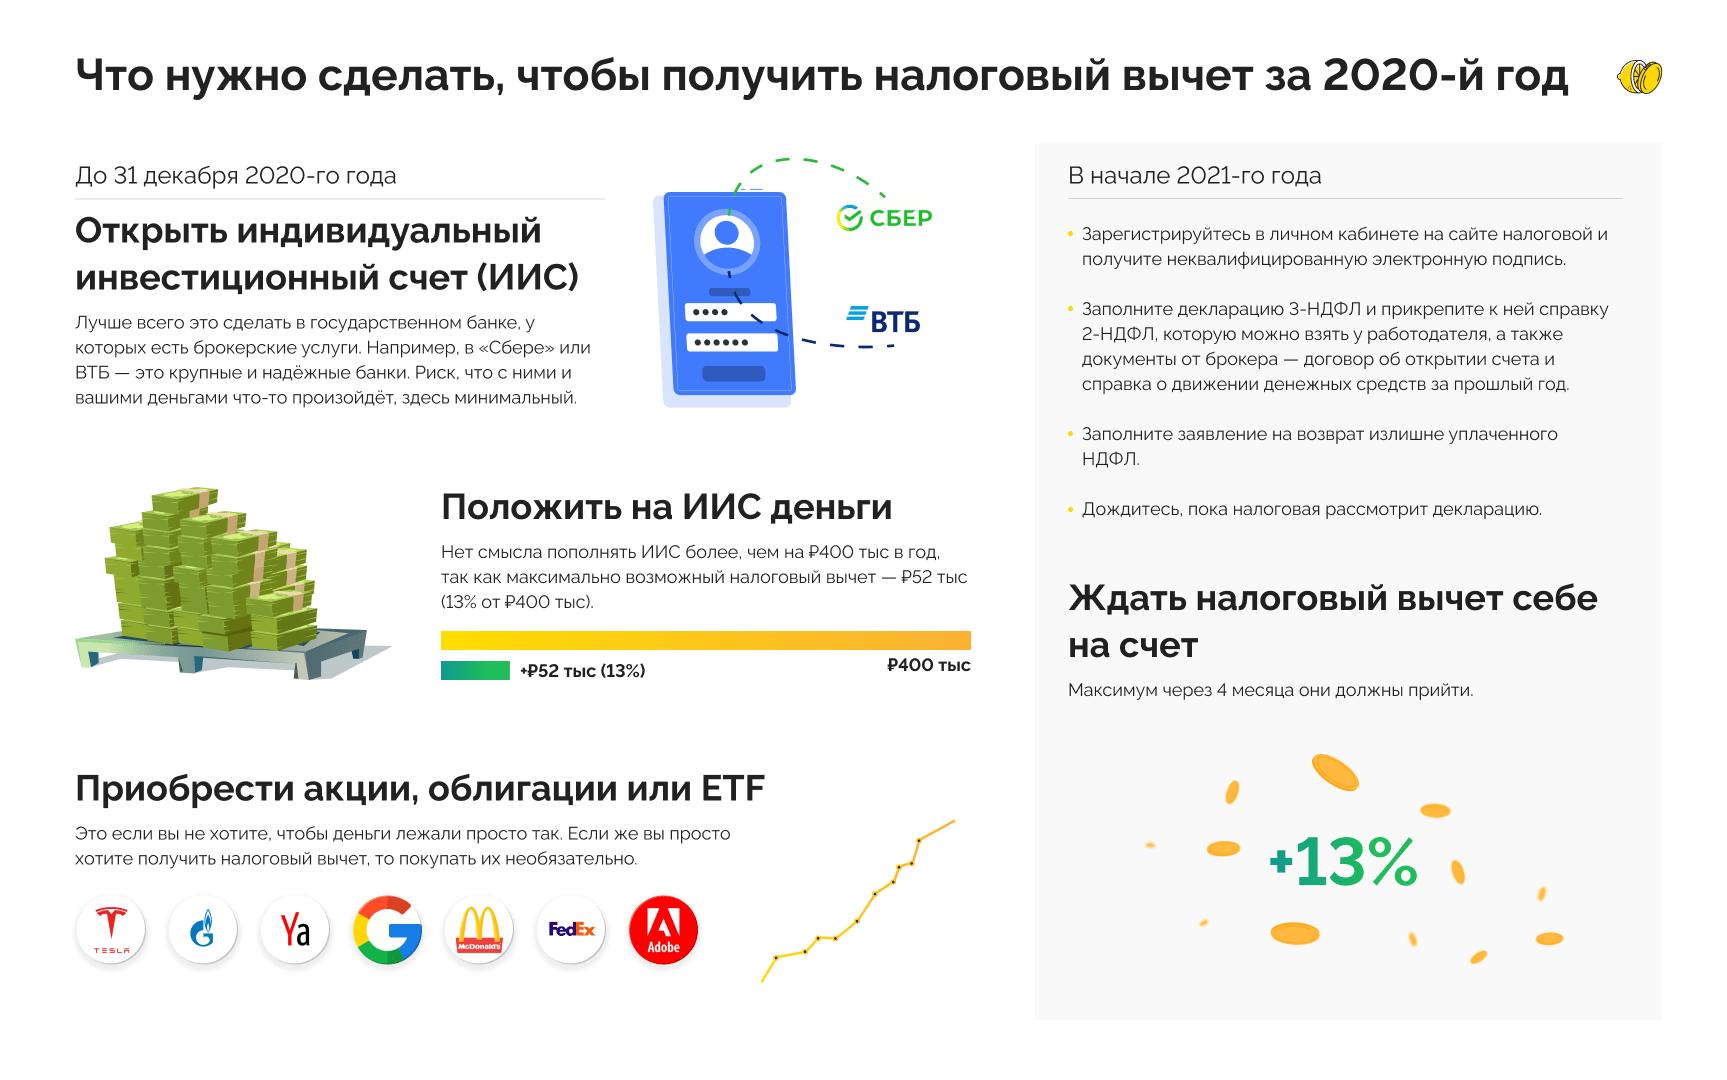 ИИС: как получить от государства 52 000 рублей